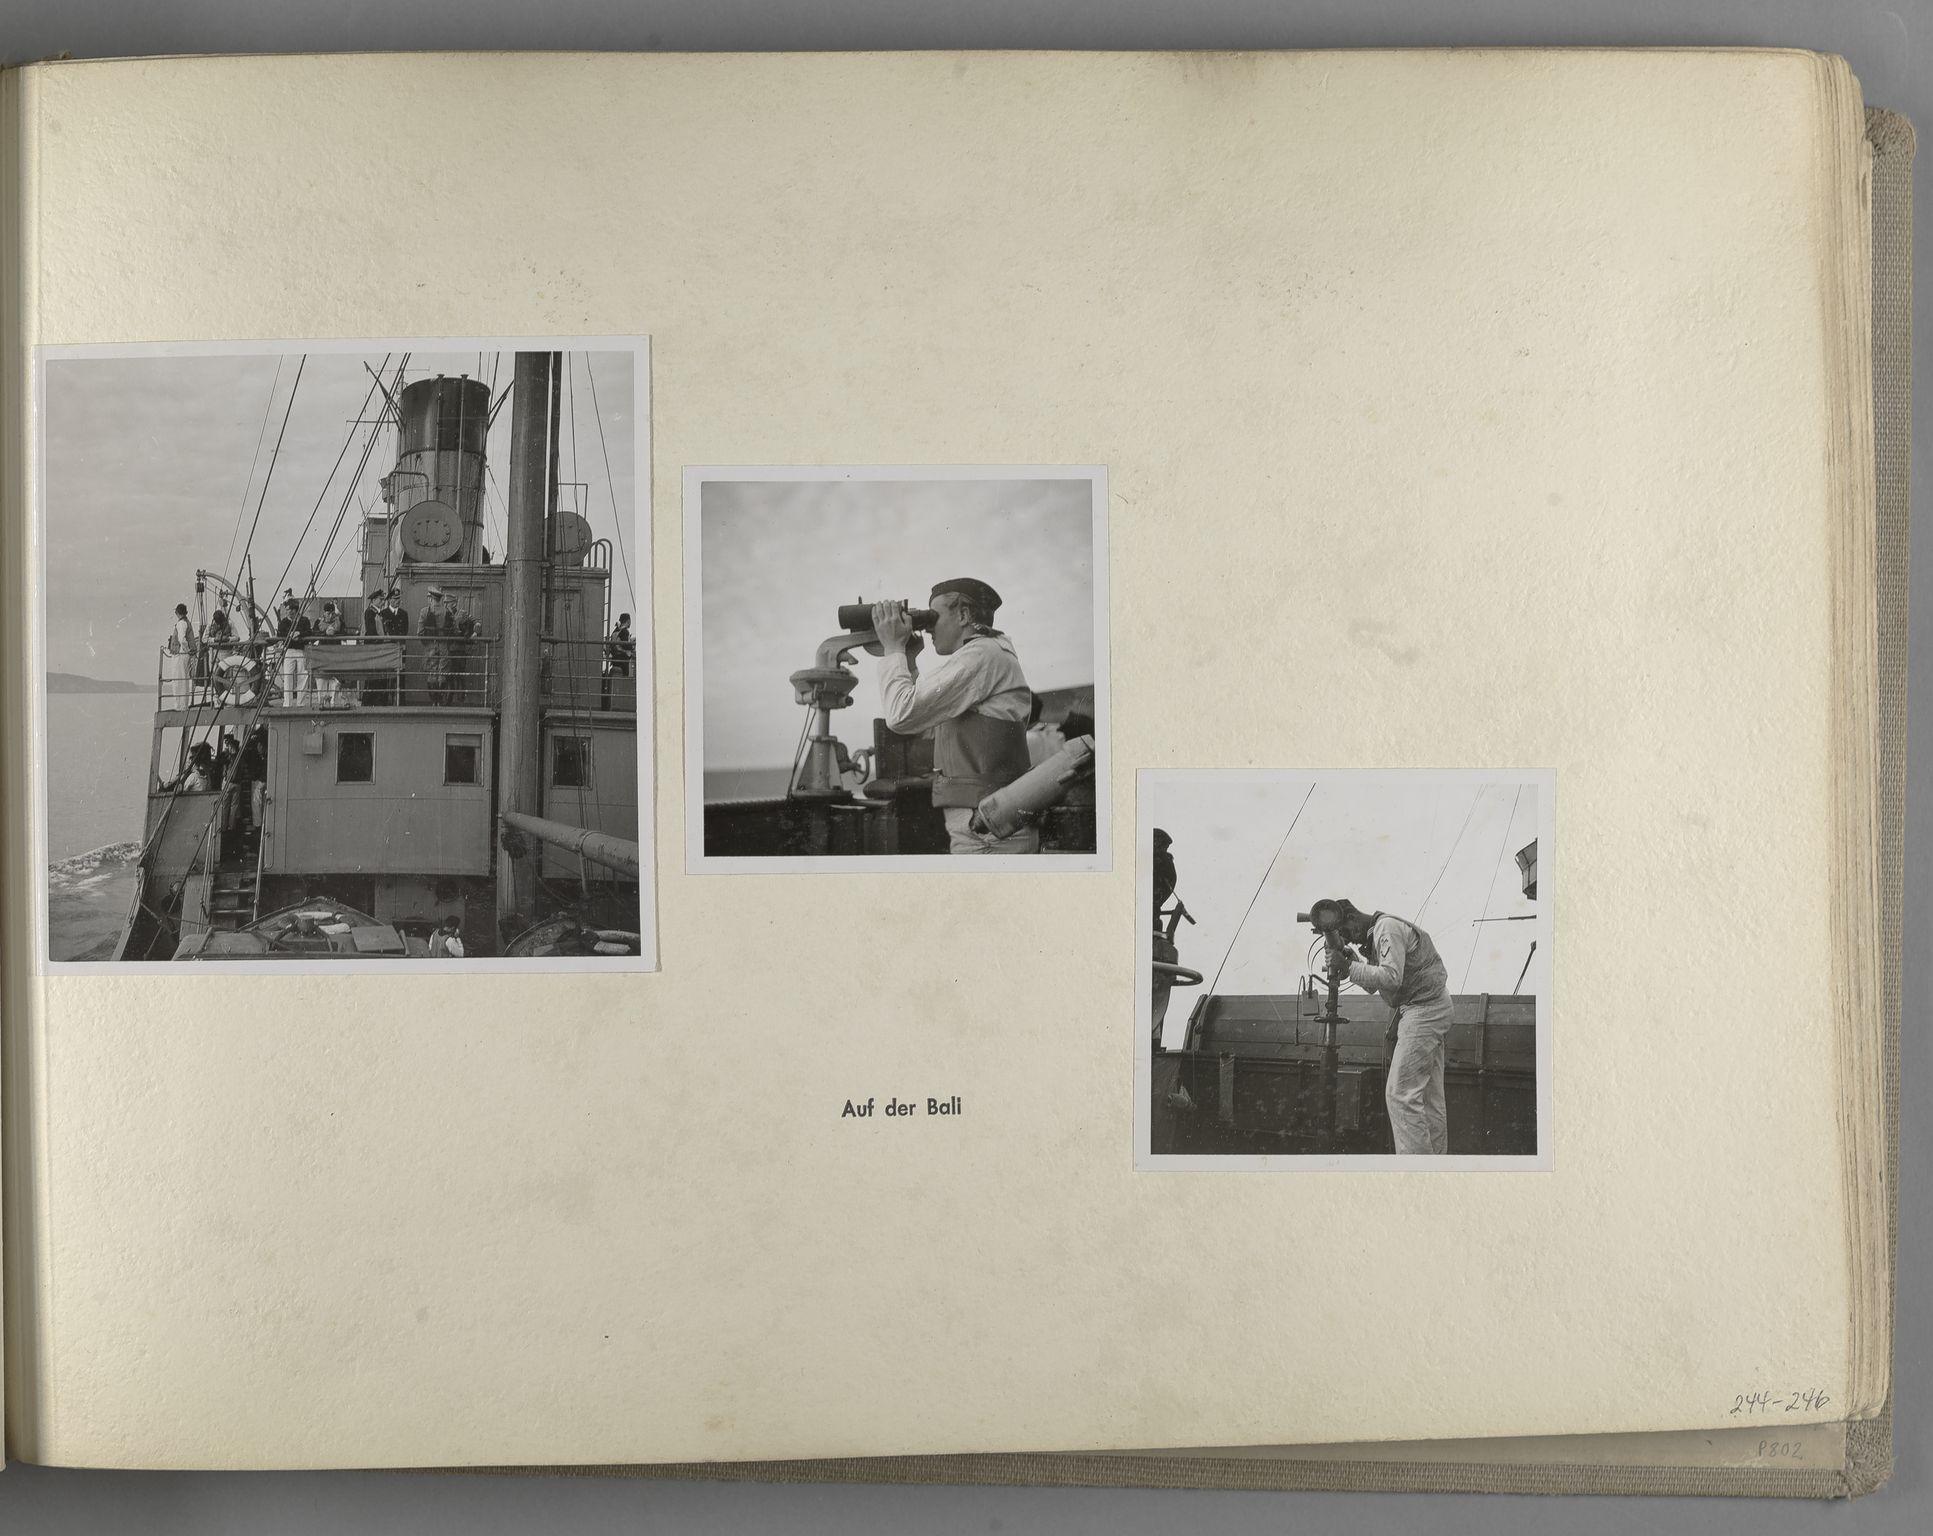 RA, Tyske arkiver, Reichskommissariat, Bildarchiv, U/L0071: Fotoalbum: Mit dem Reichskommissar nach Nordnorwegen und Finnland 10. bis 27. Juli 1942, 1942, s. 99